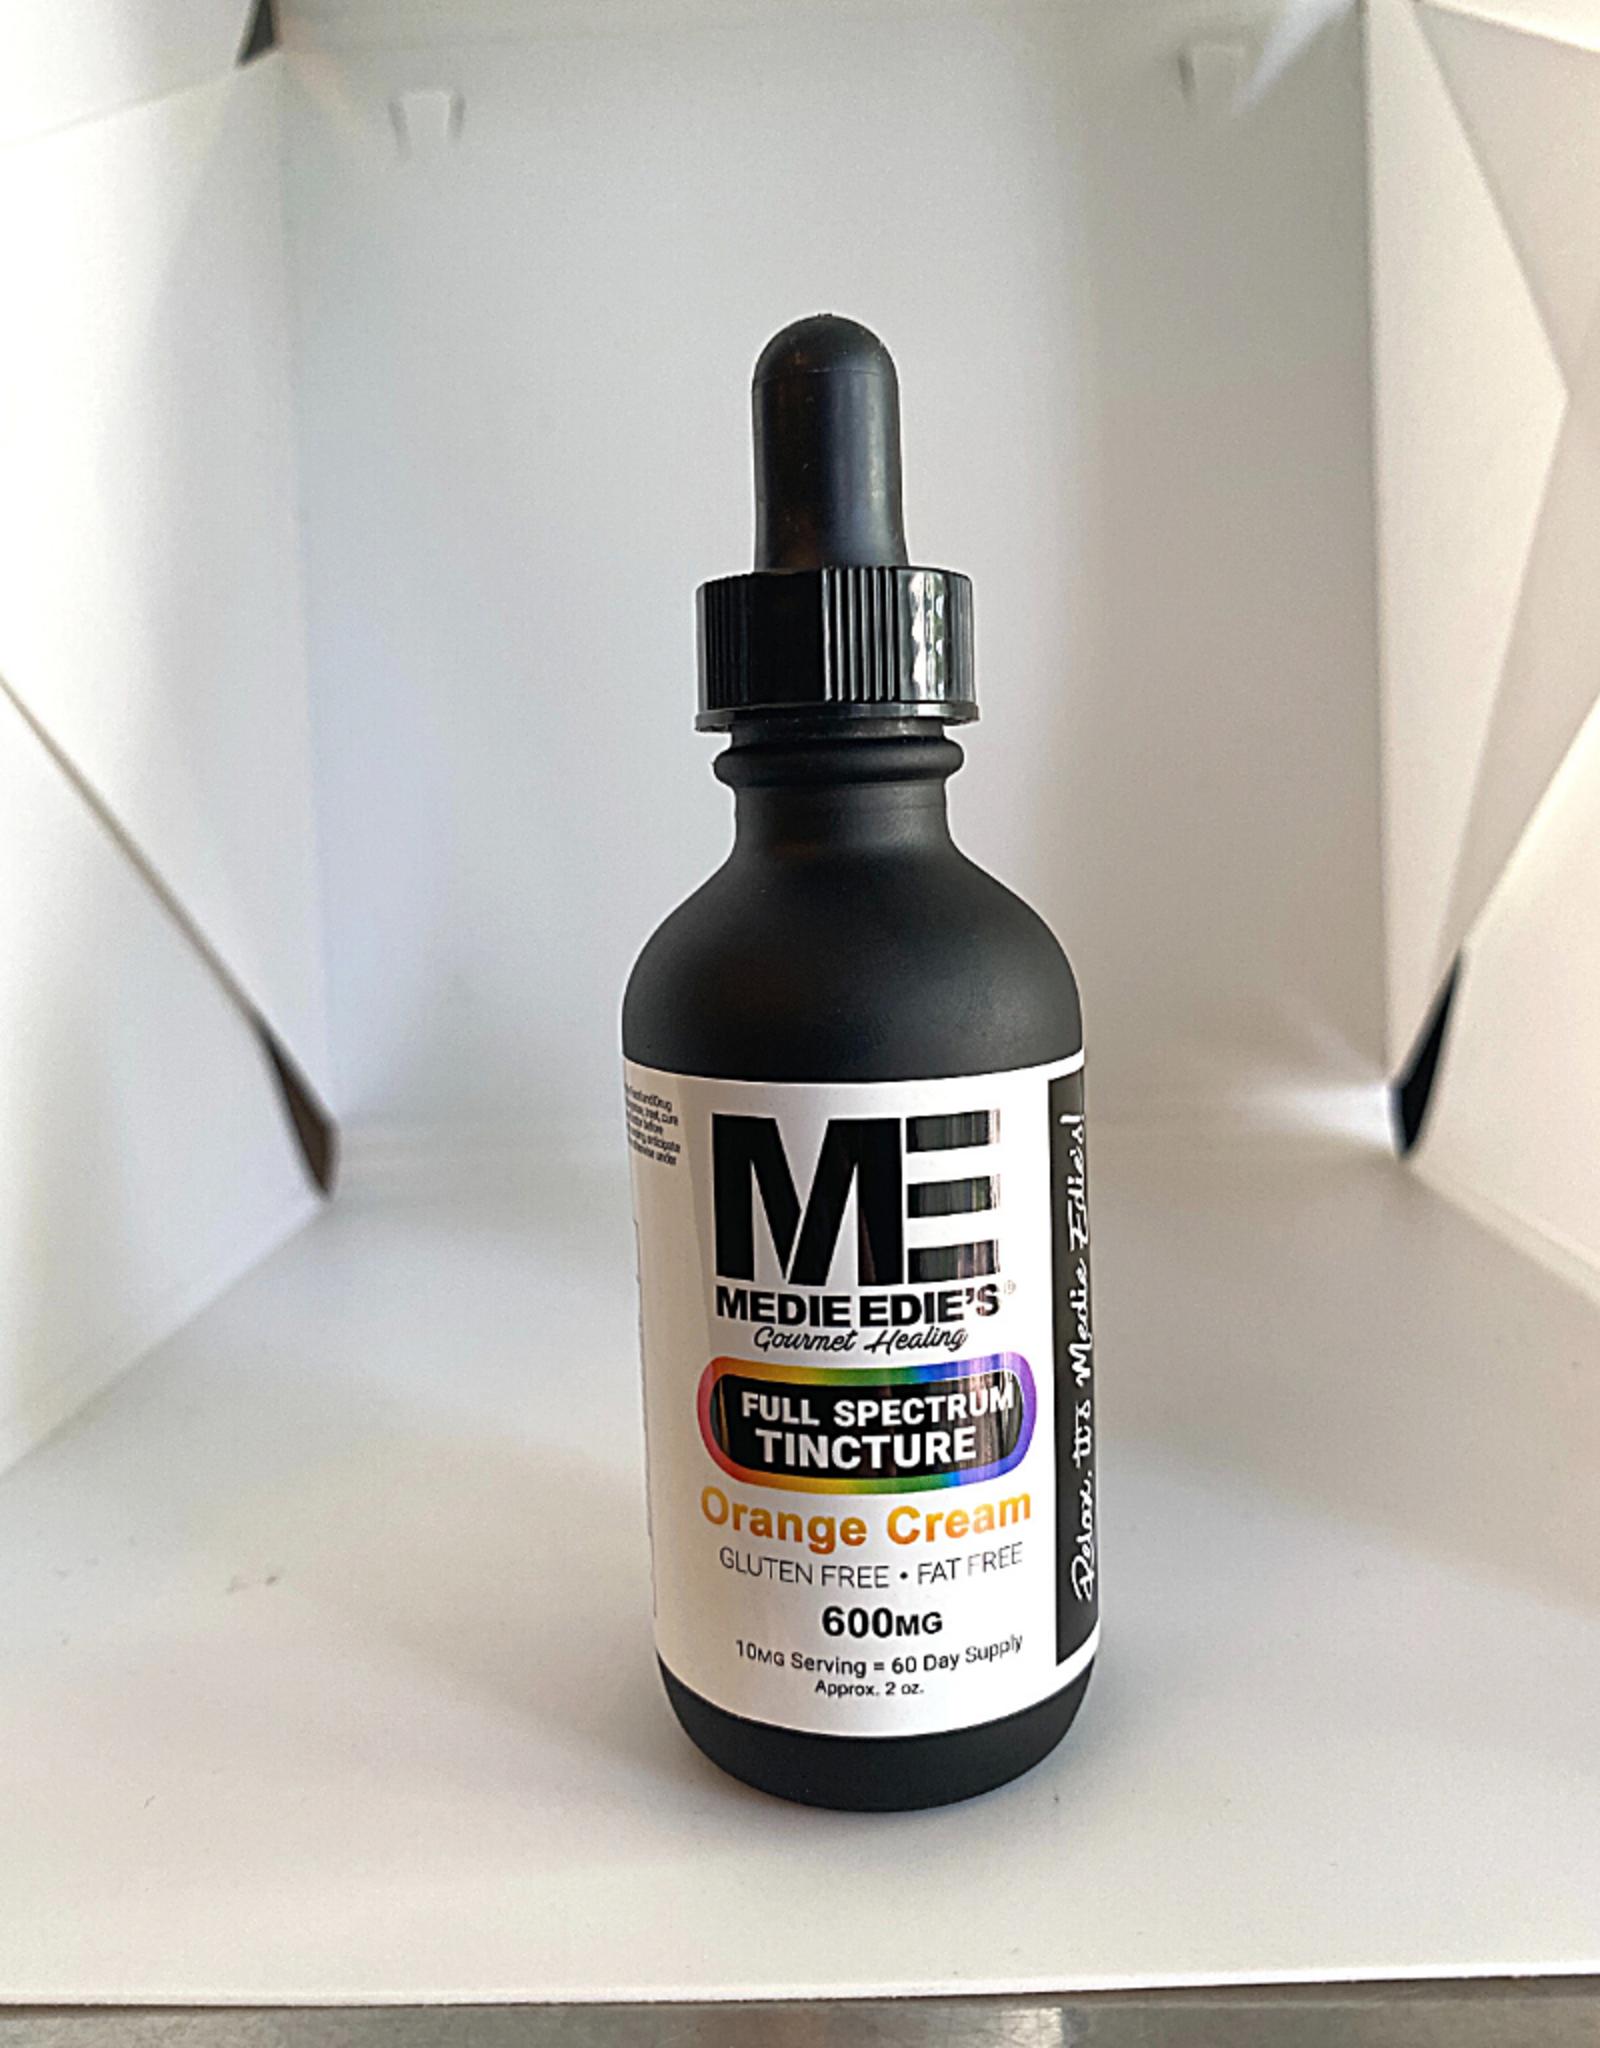 Medie Edie's Medie Edie's 60ml Full Spectrum Tincture  Orange Cream - 10mg.600mg